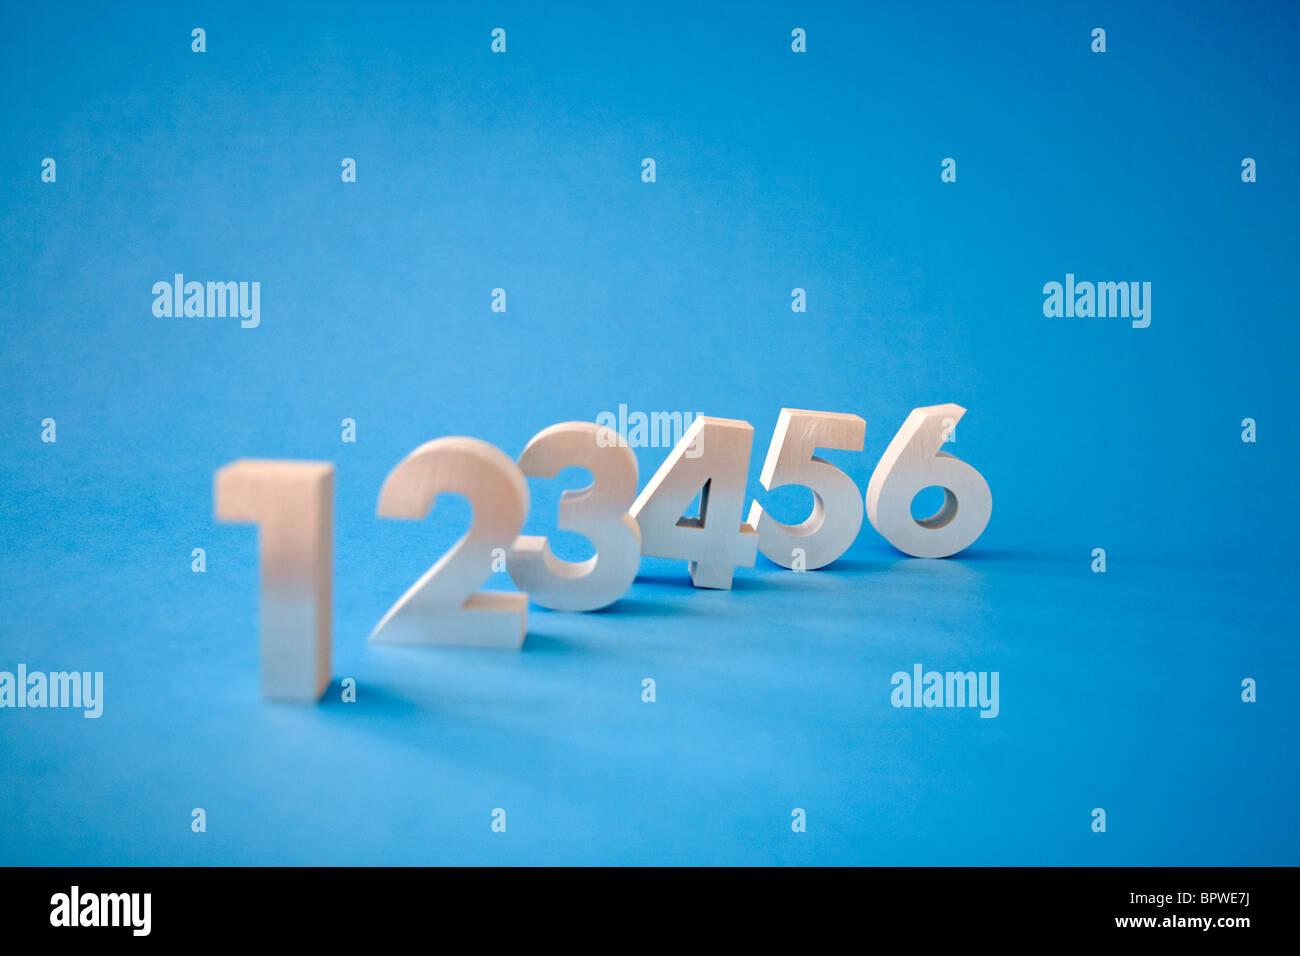 Suite de nombres 1, 2, 3, 4, 5, 6, sur fond bleu Banque D'Images